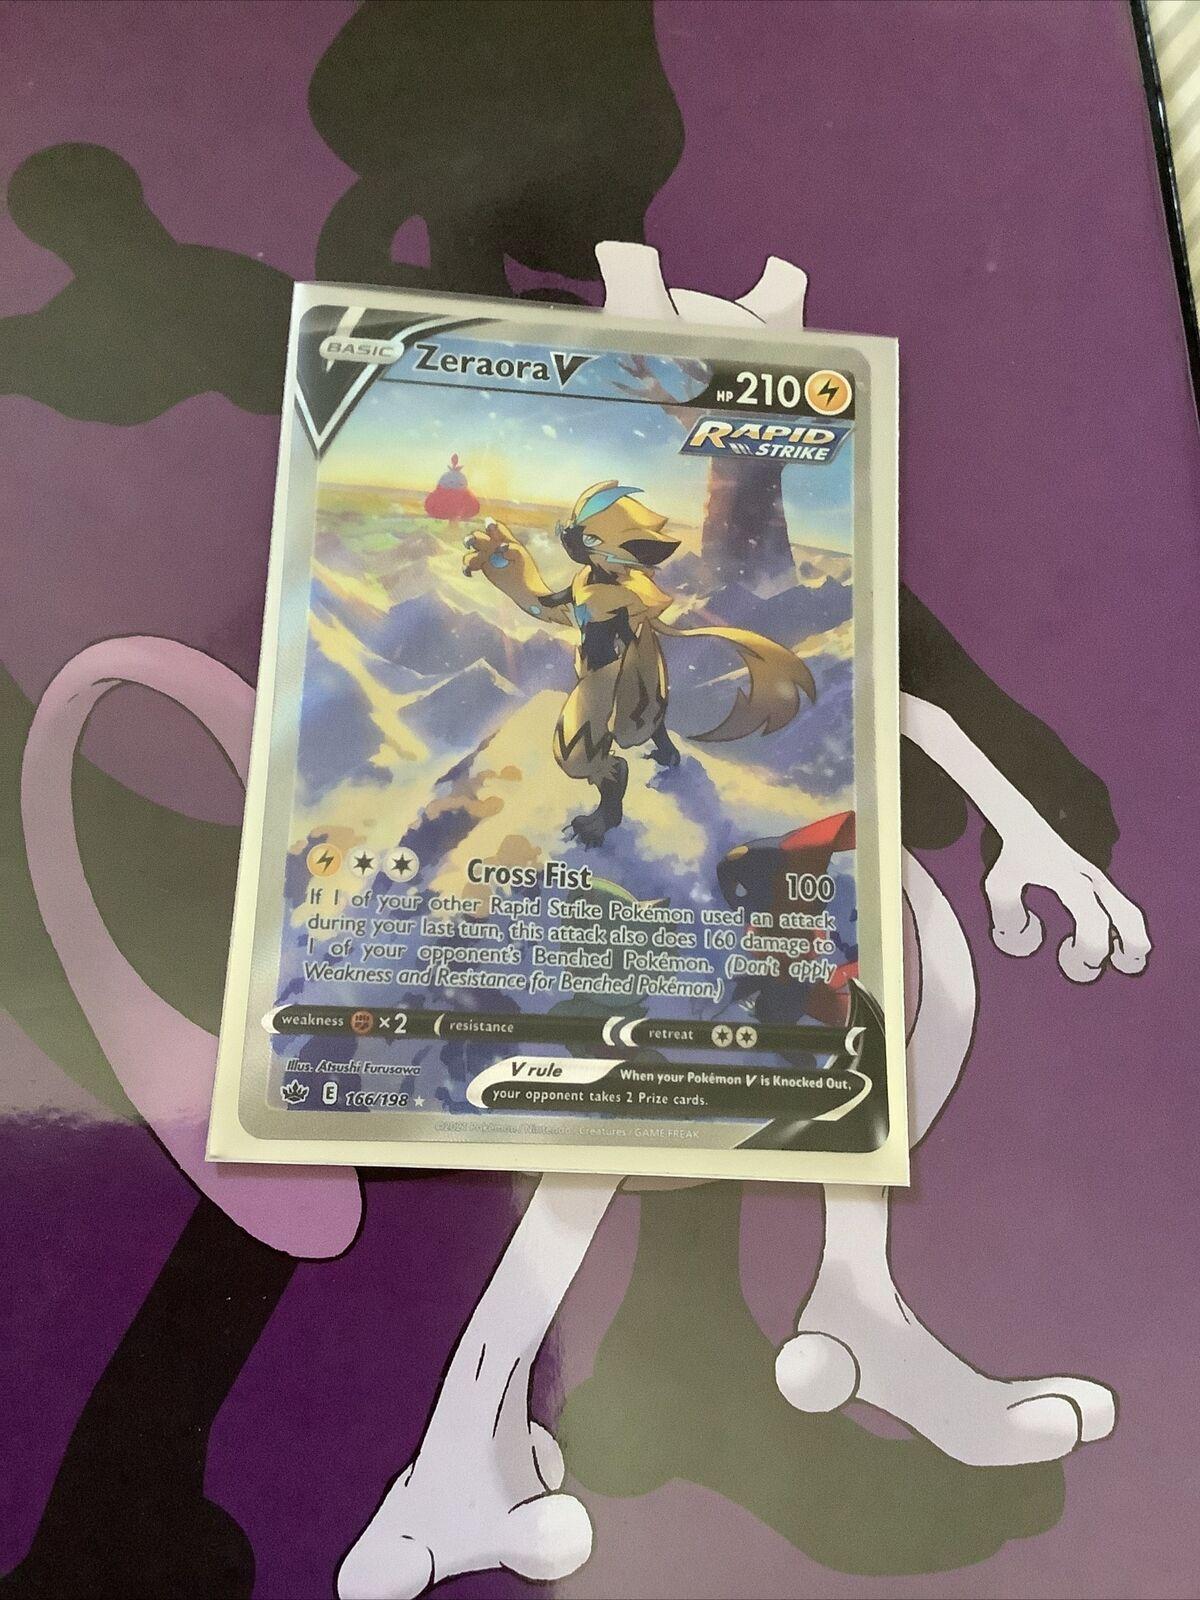 Zeraora V Alternate Alt Full Art Pokémon Chilling Reign Pokemon 166/198 Rare